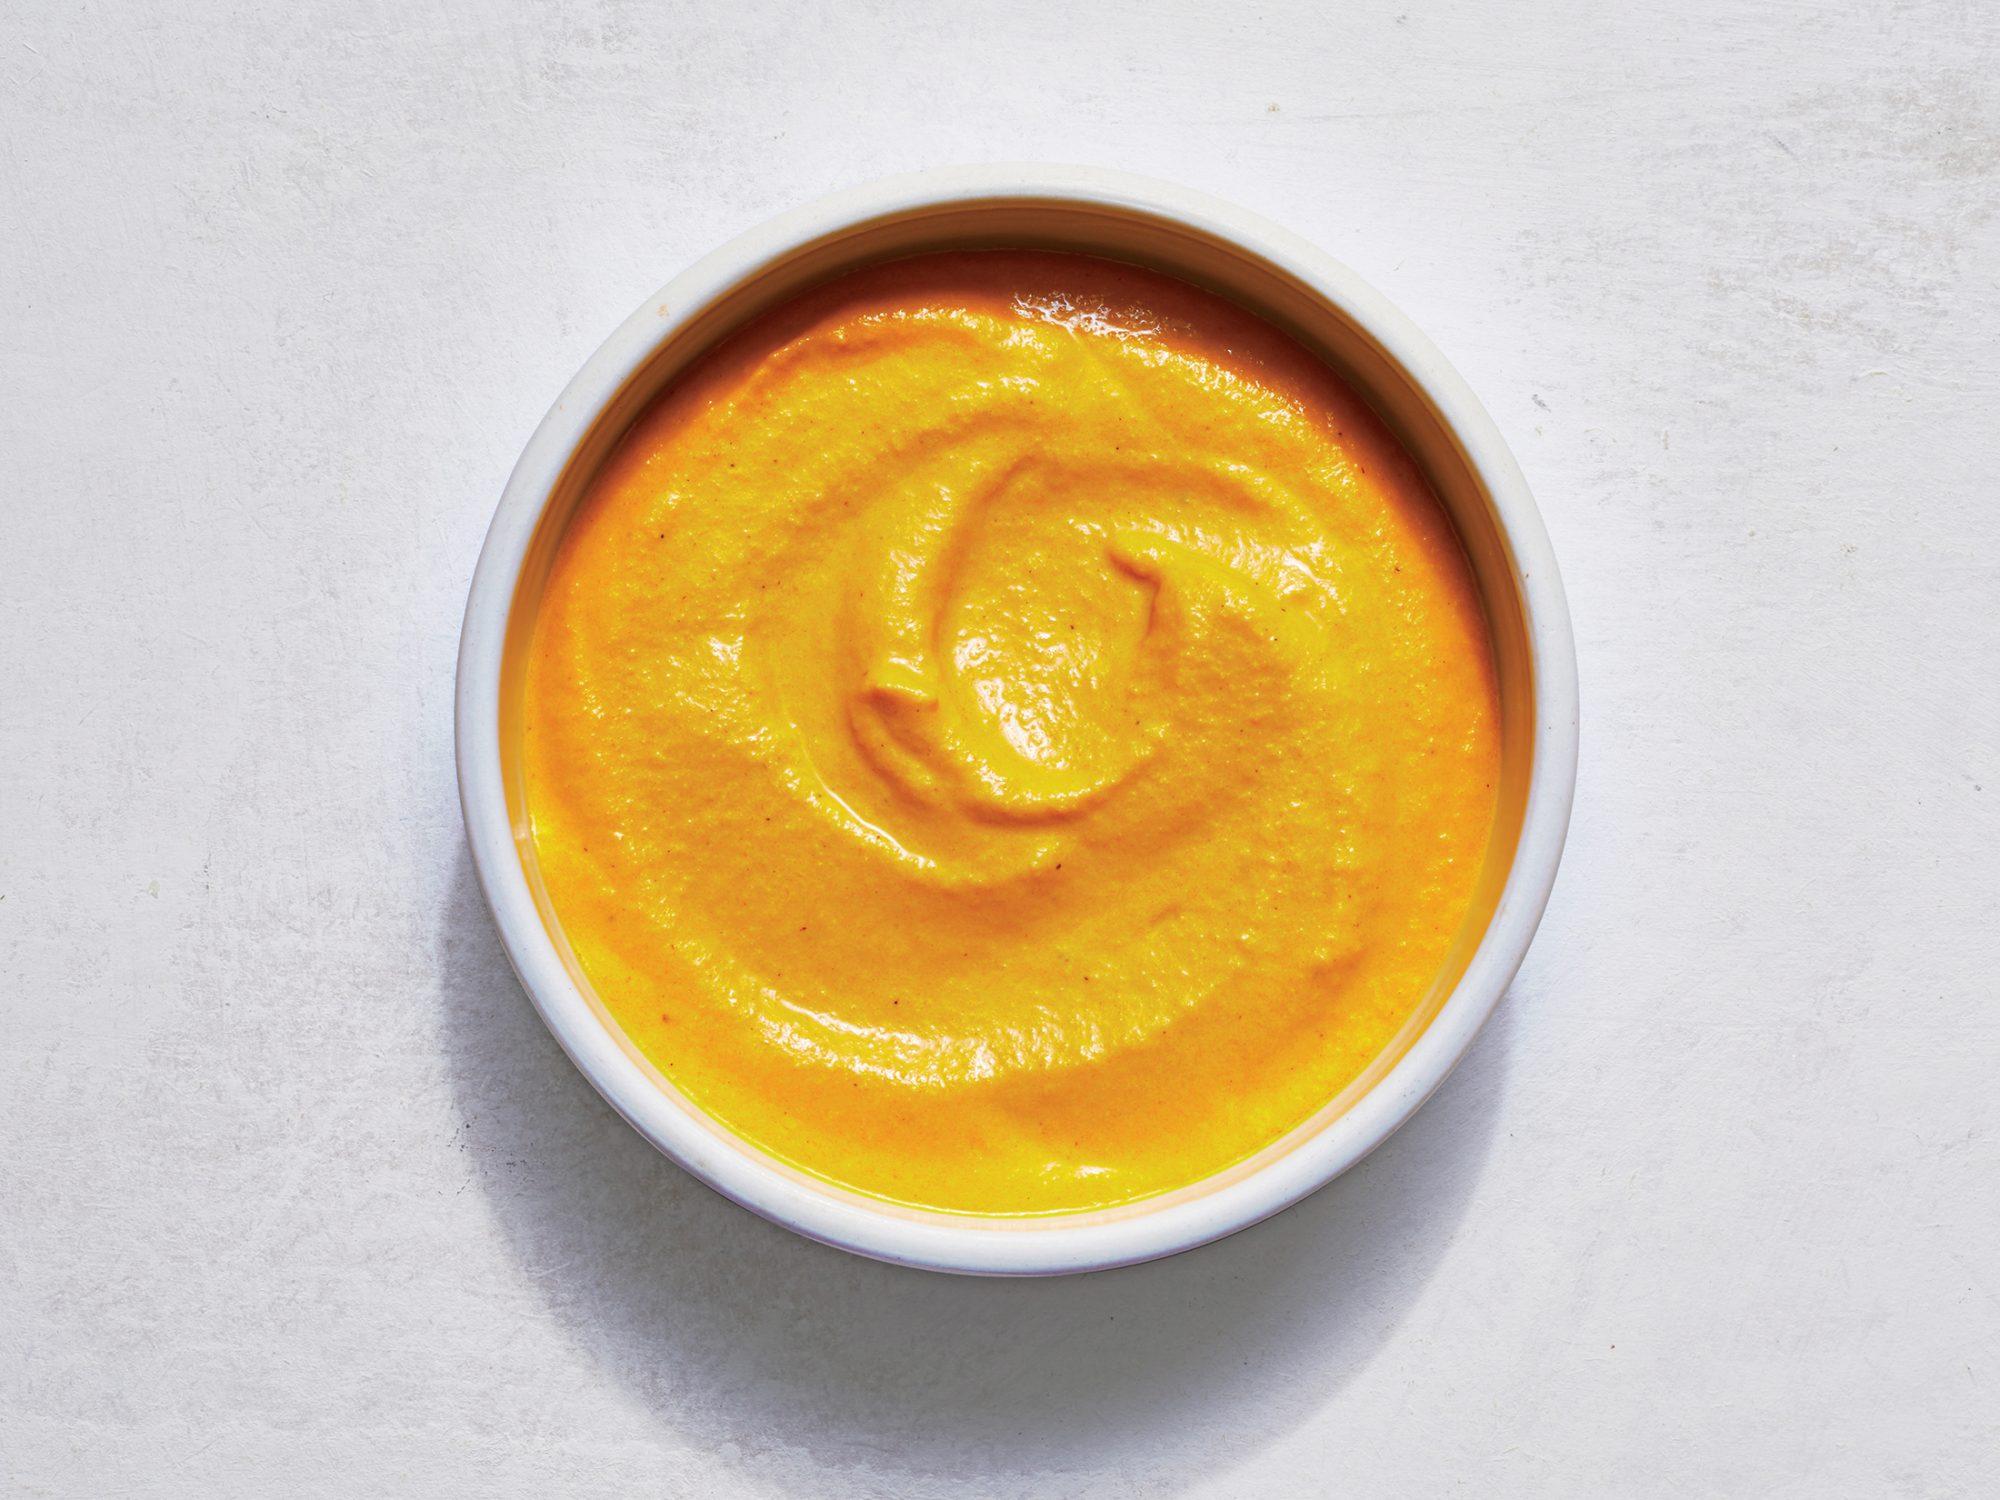 Carrot-Ginger Turmeric Sauce